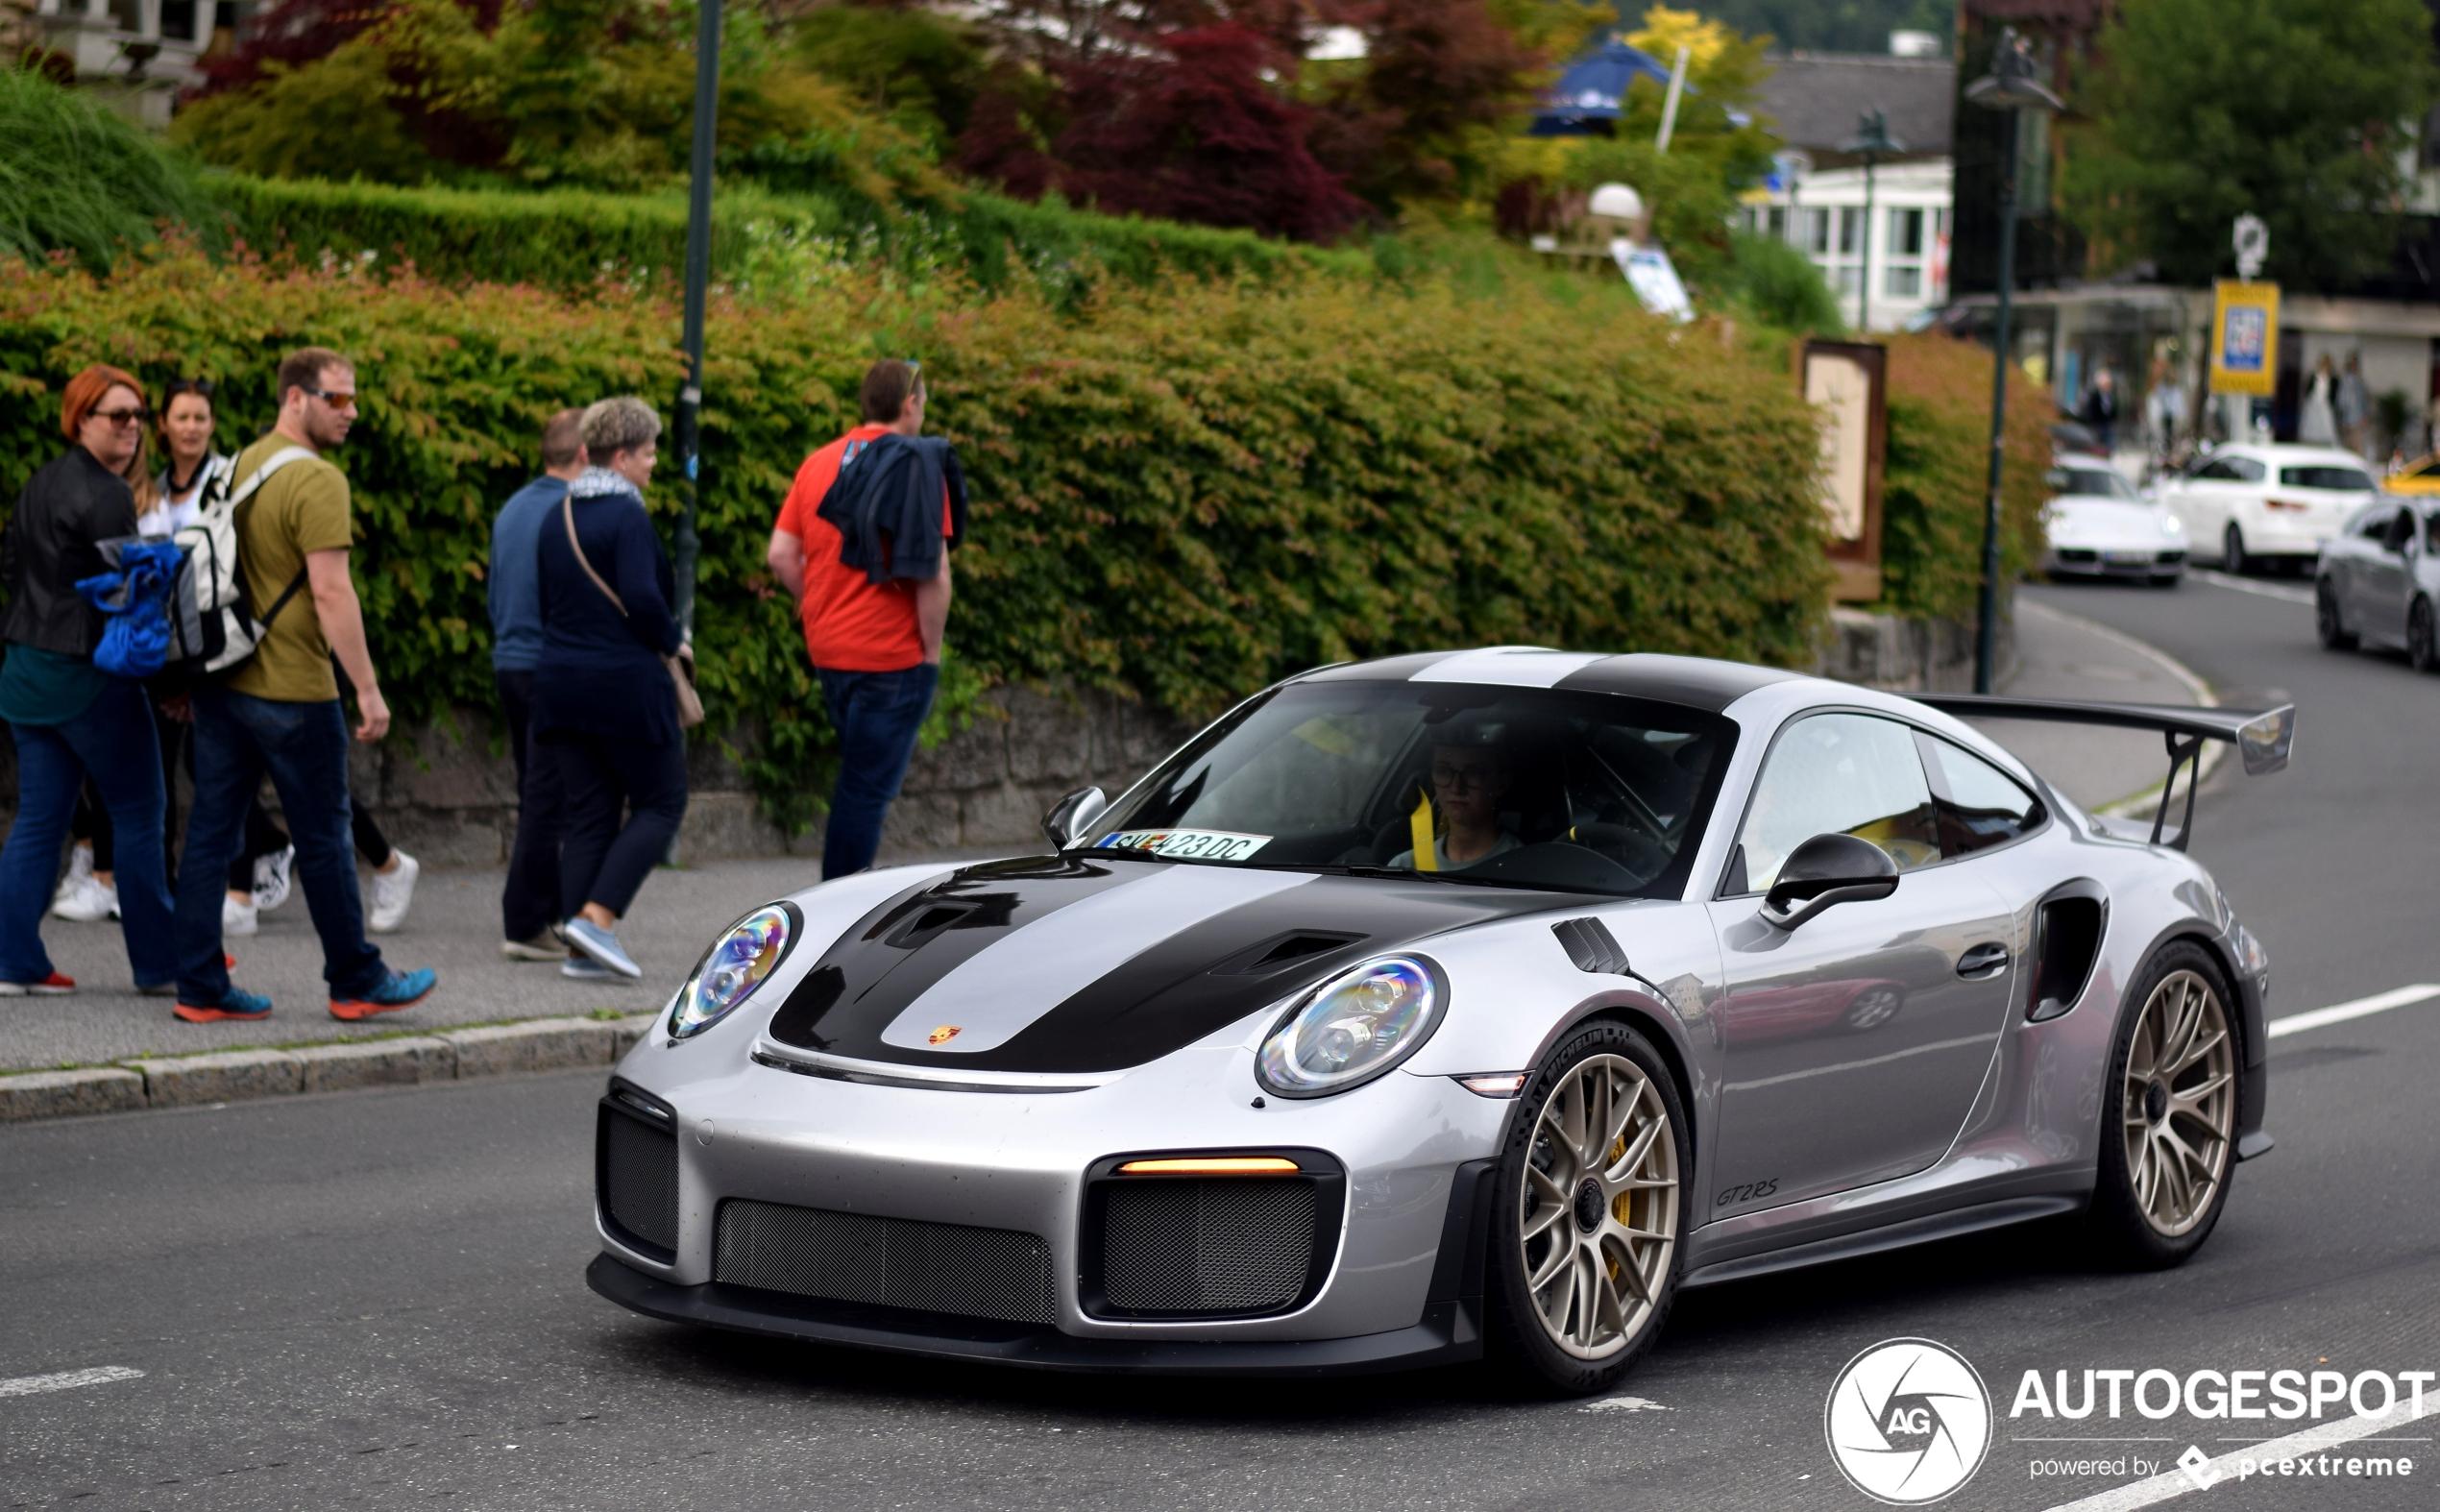 Porsche 997 GT2 RS - 13 June 2015 - Autogespot